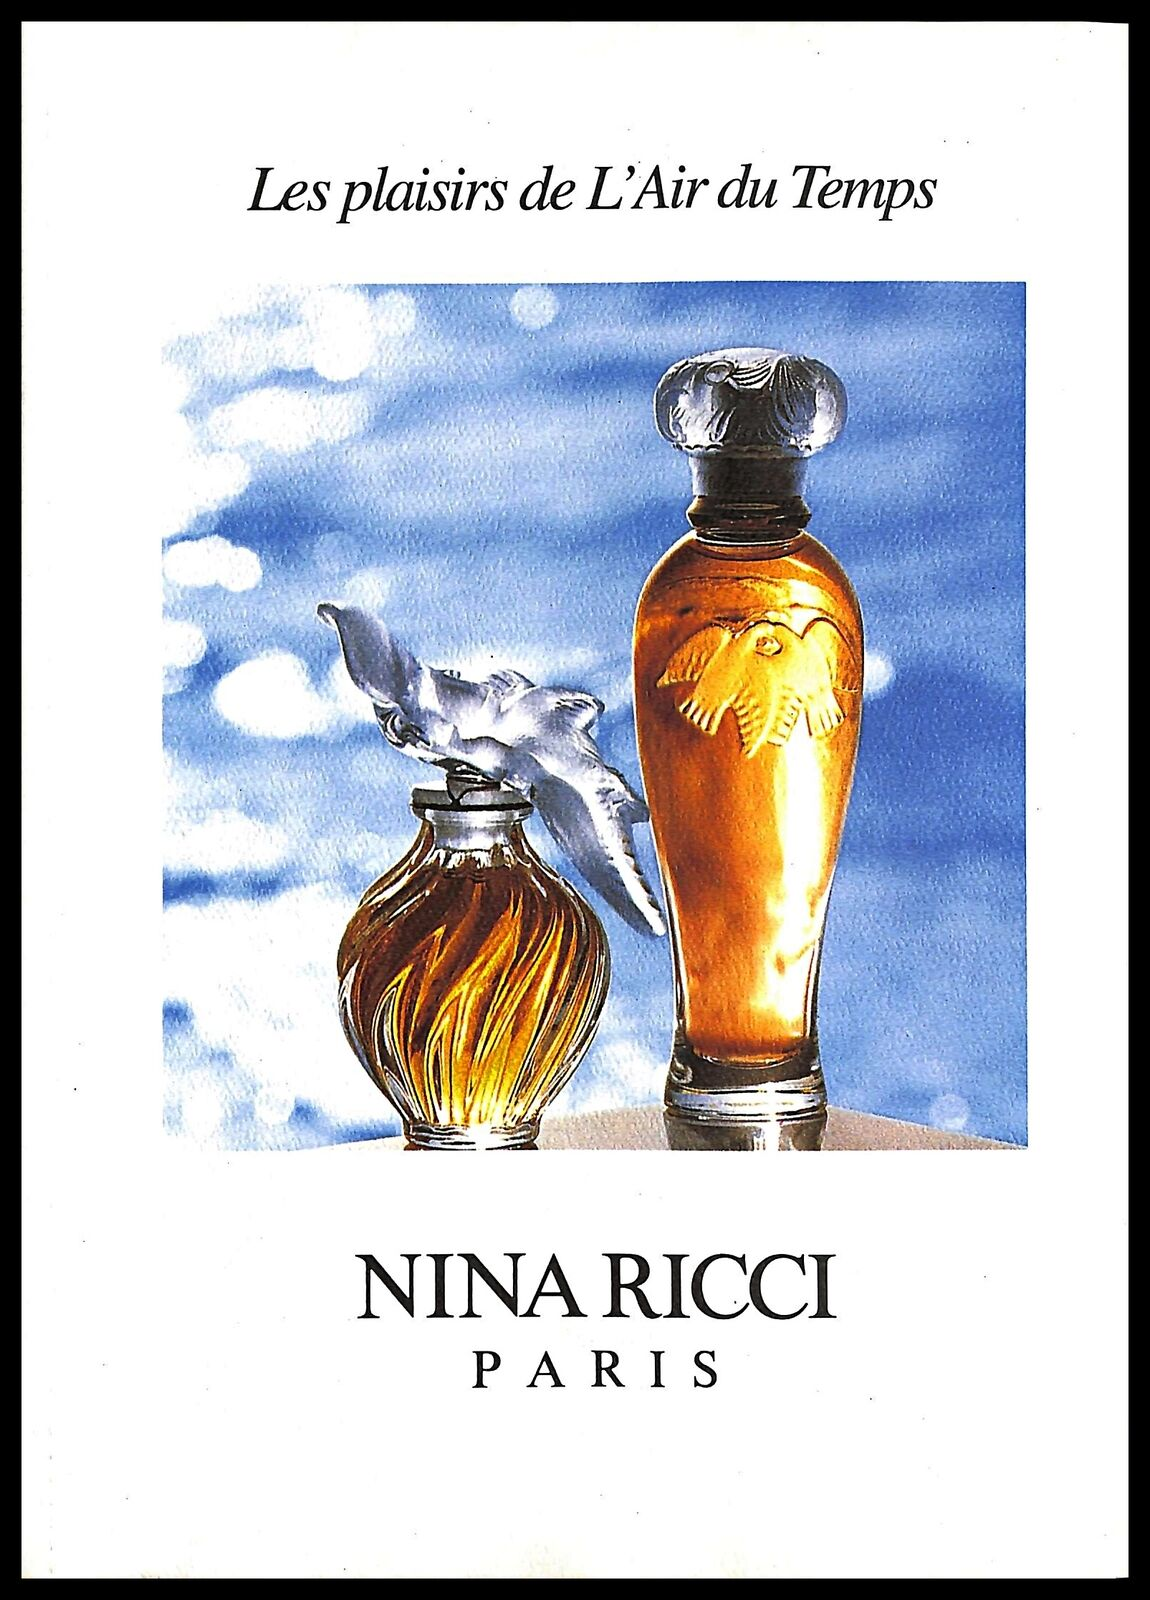 Detalles de 1993 L 'air Du Temps Nina Ricci Perfume Fragancia Publicidad Vintage Impresión ver título original